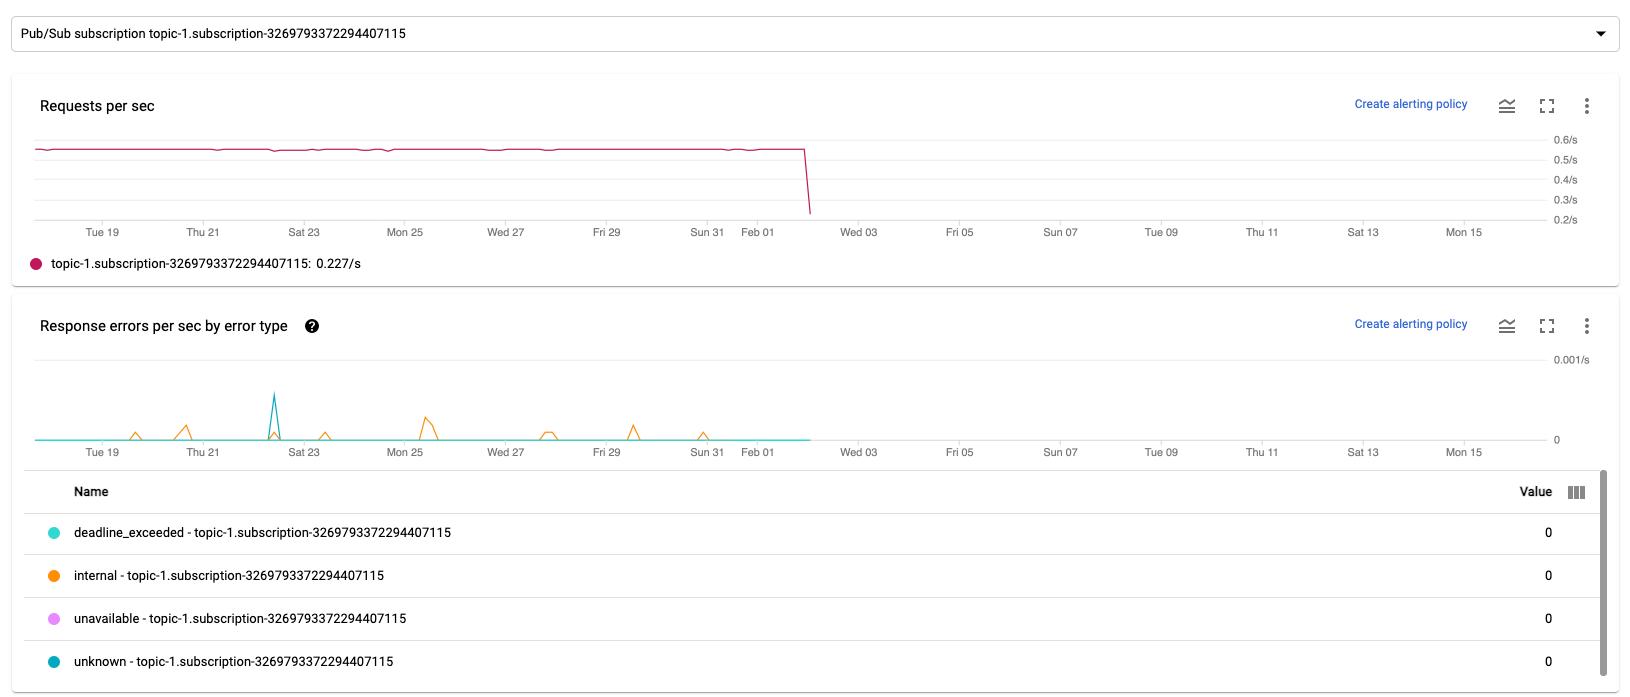 Dataflow 작업에 대한 입력 및 출력 측정항목을 보여주는 일련의 차트입니다.